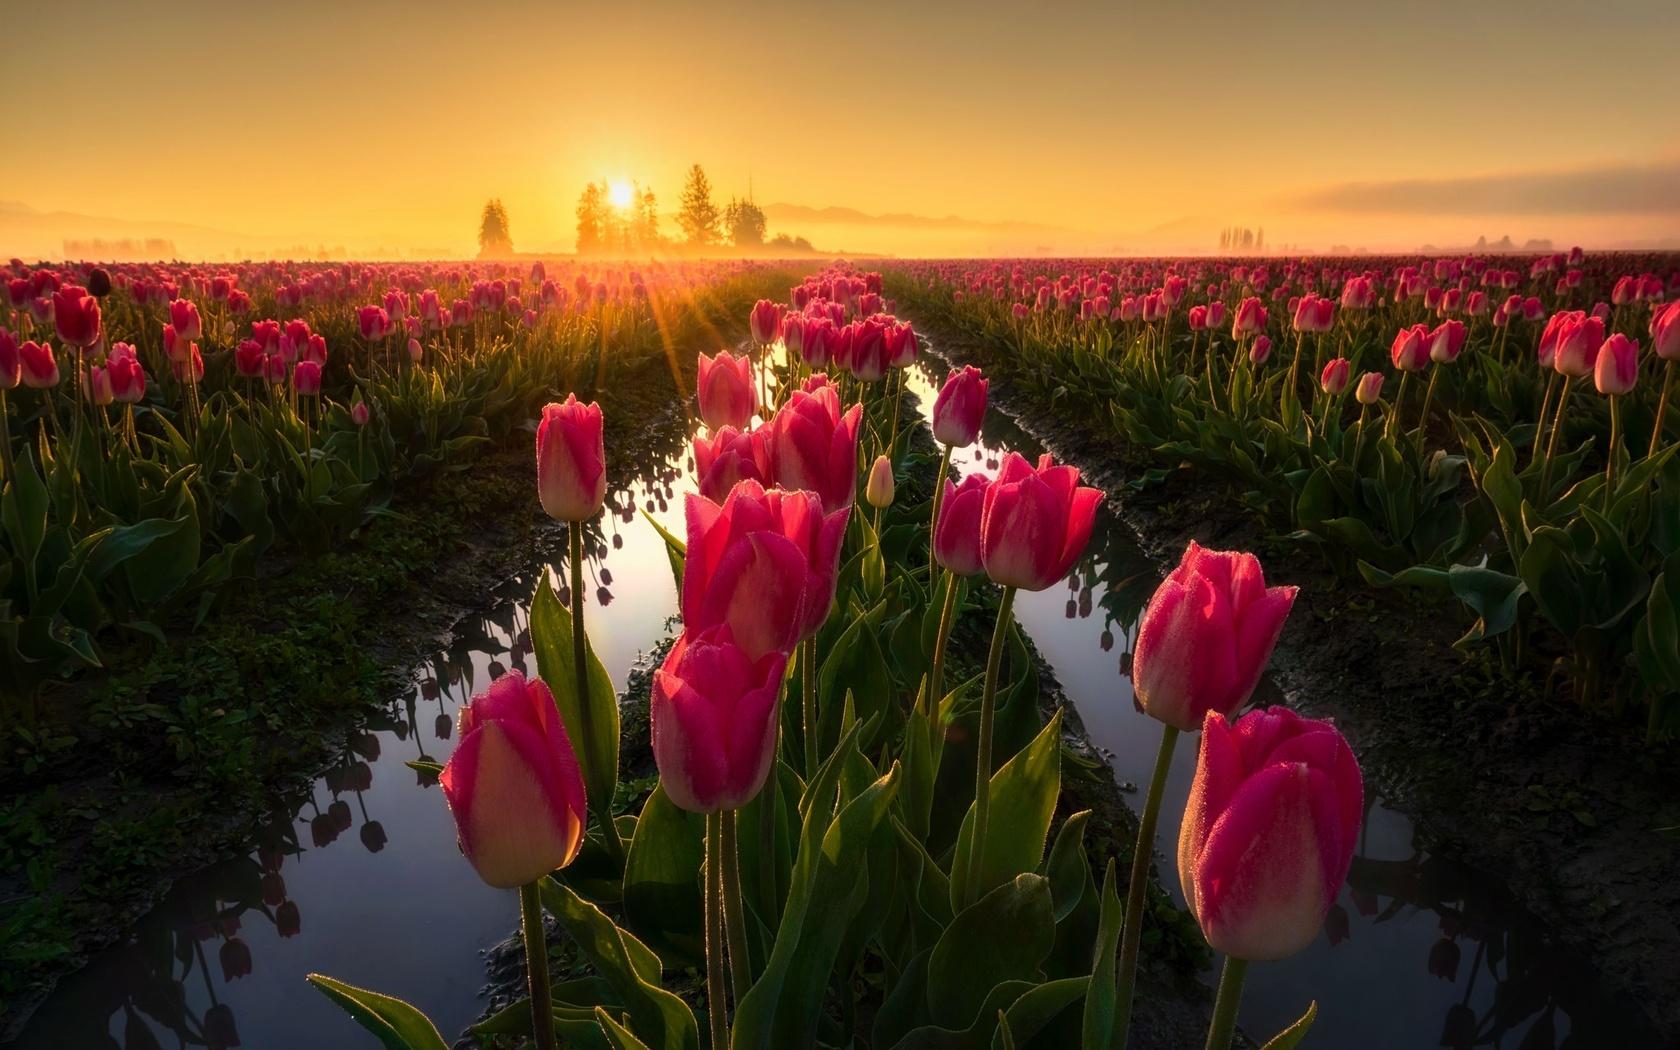 природа, грядки, цветы, тюльпаны, весна, утро, солнце, лучи